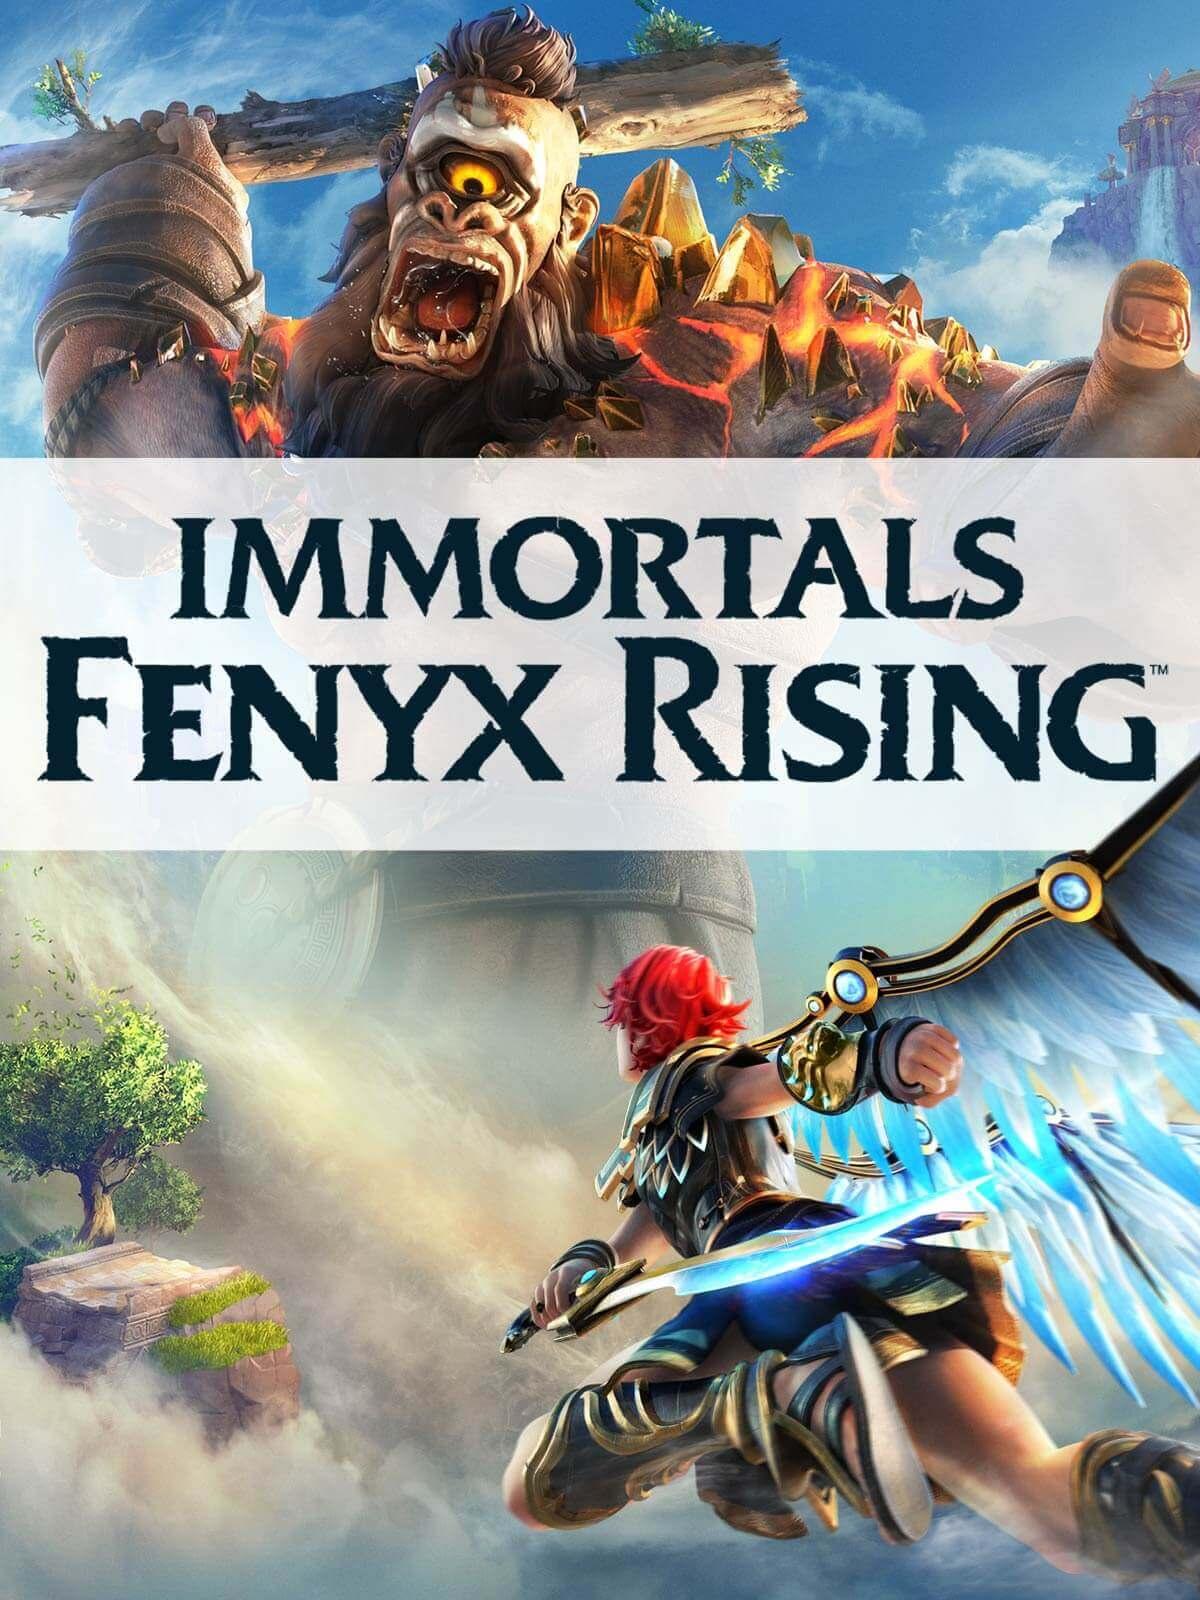 immortals fenyx rising ってどんなゲーム?